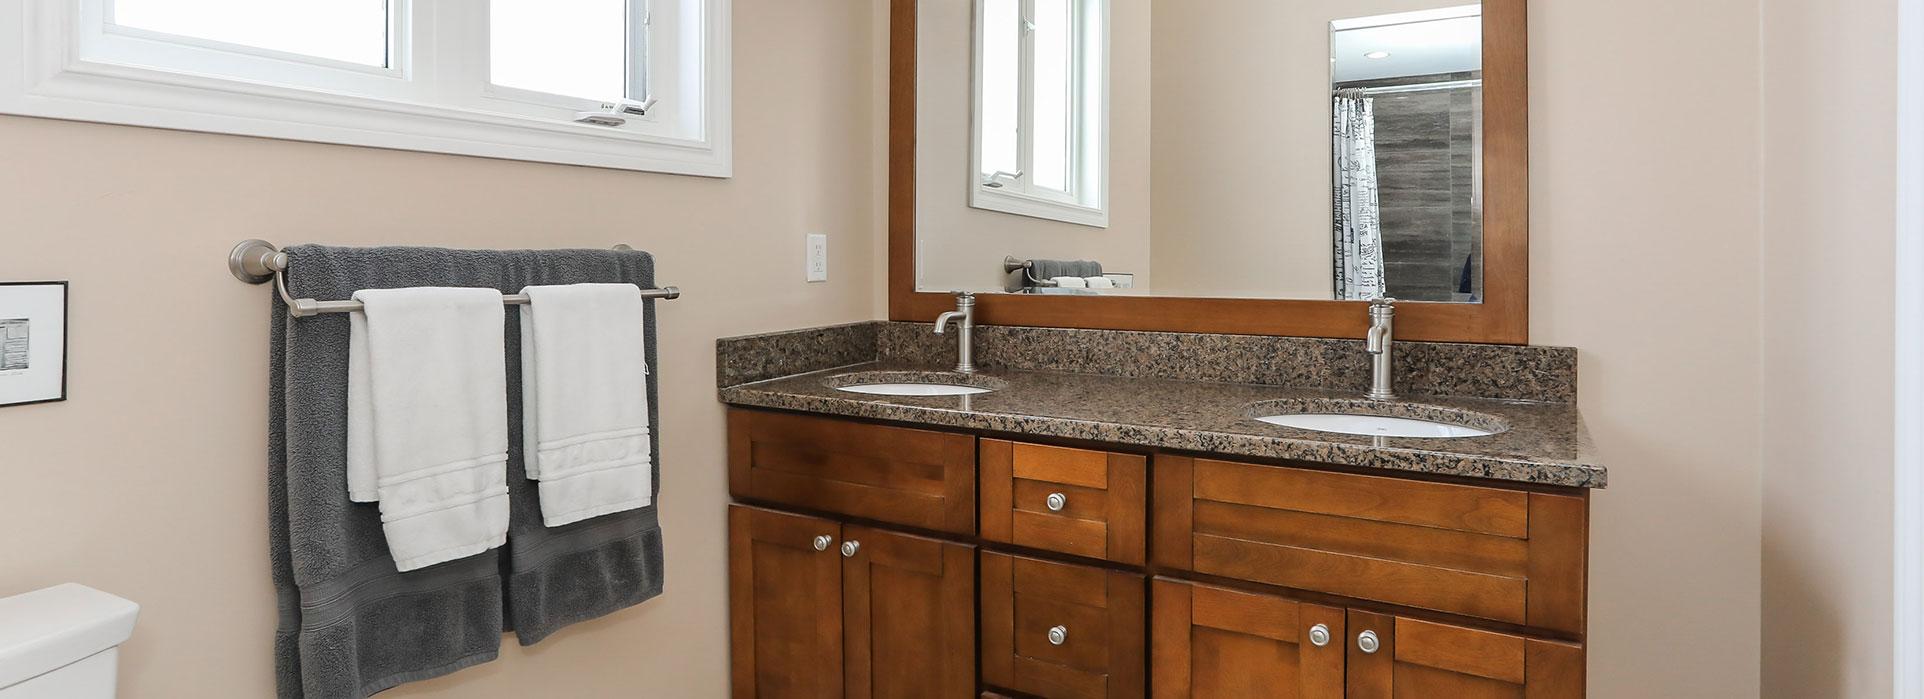 22 Merrington Avenue - Double Sink Bathroom - Cripps Realty